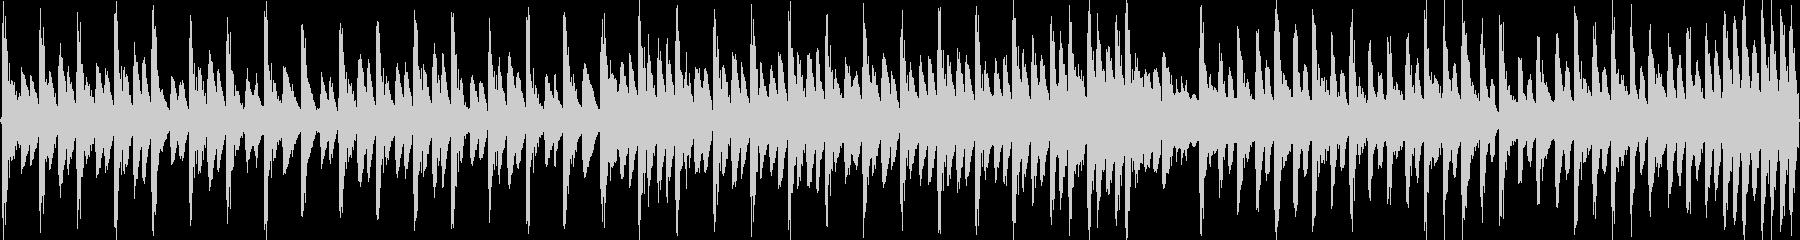 8bitクラシック カプリース(ループ)の未再生の波形